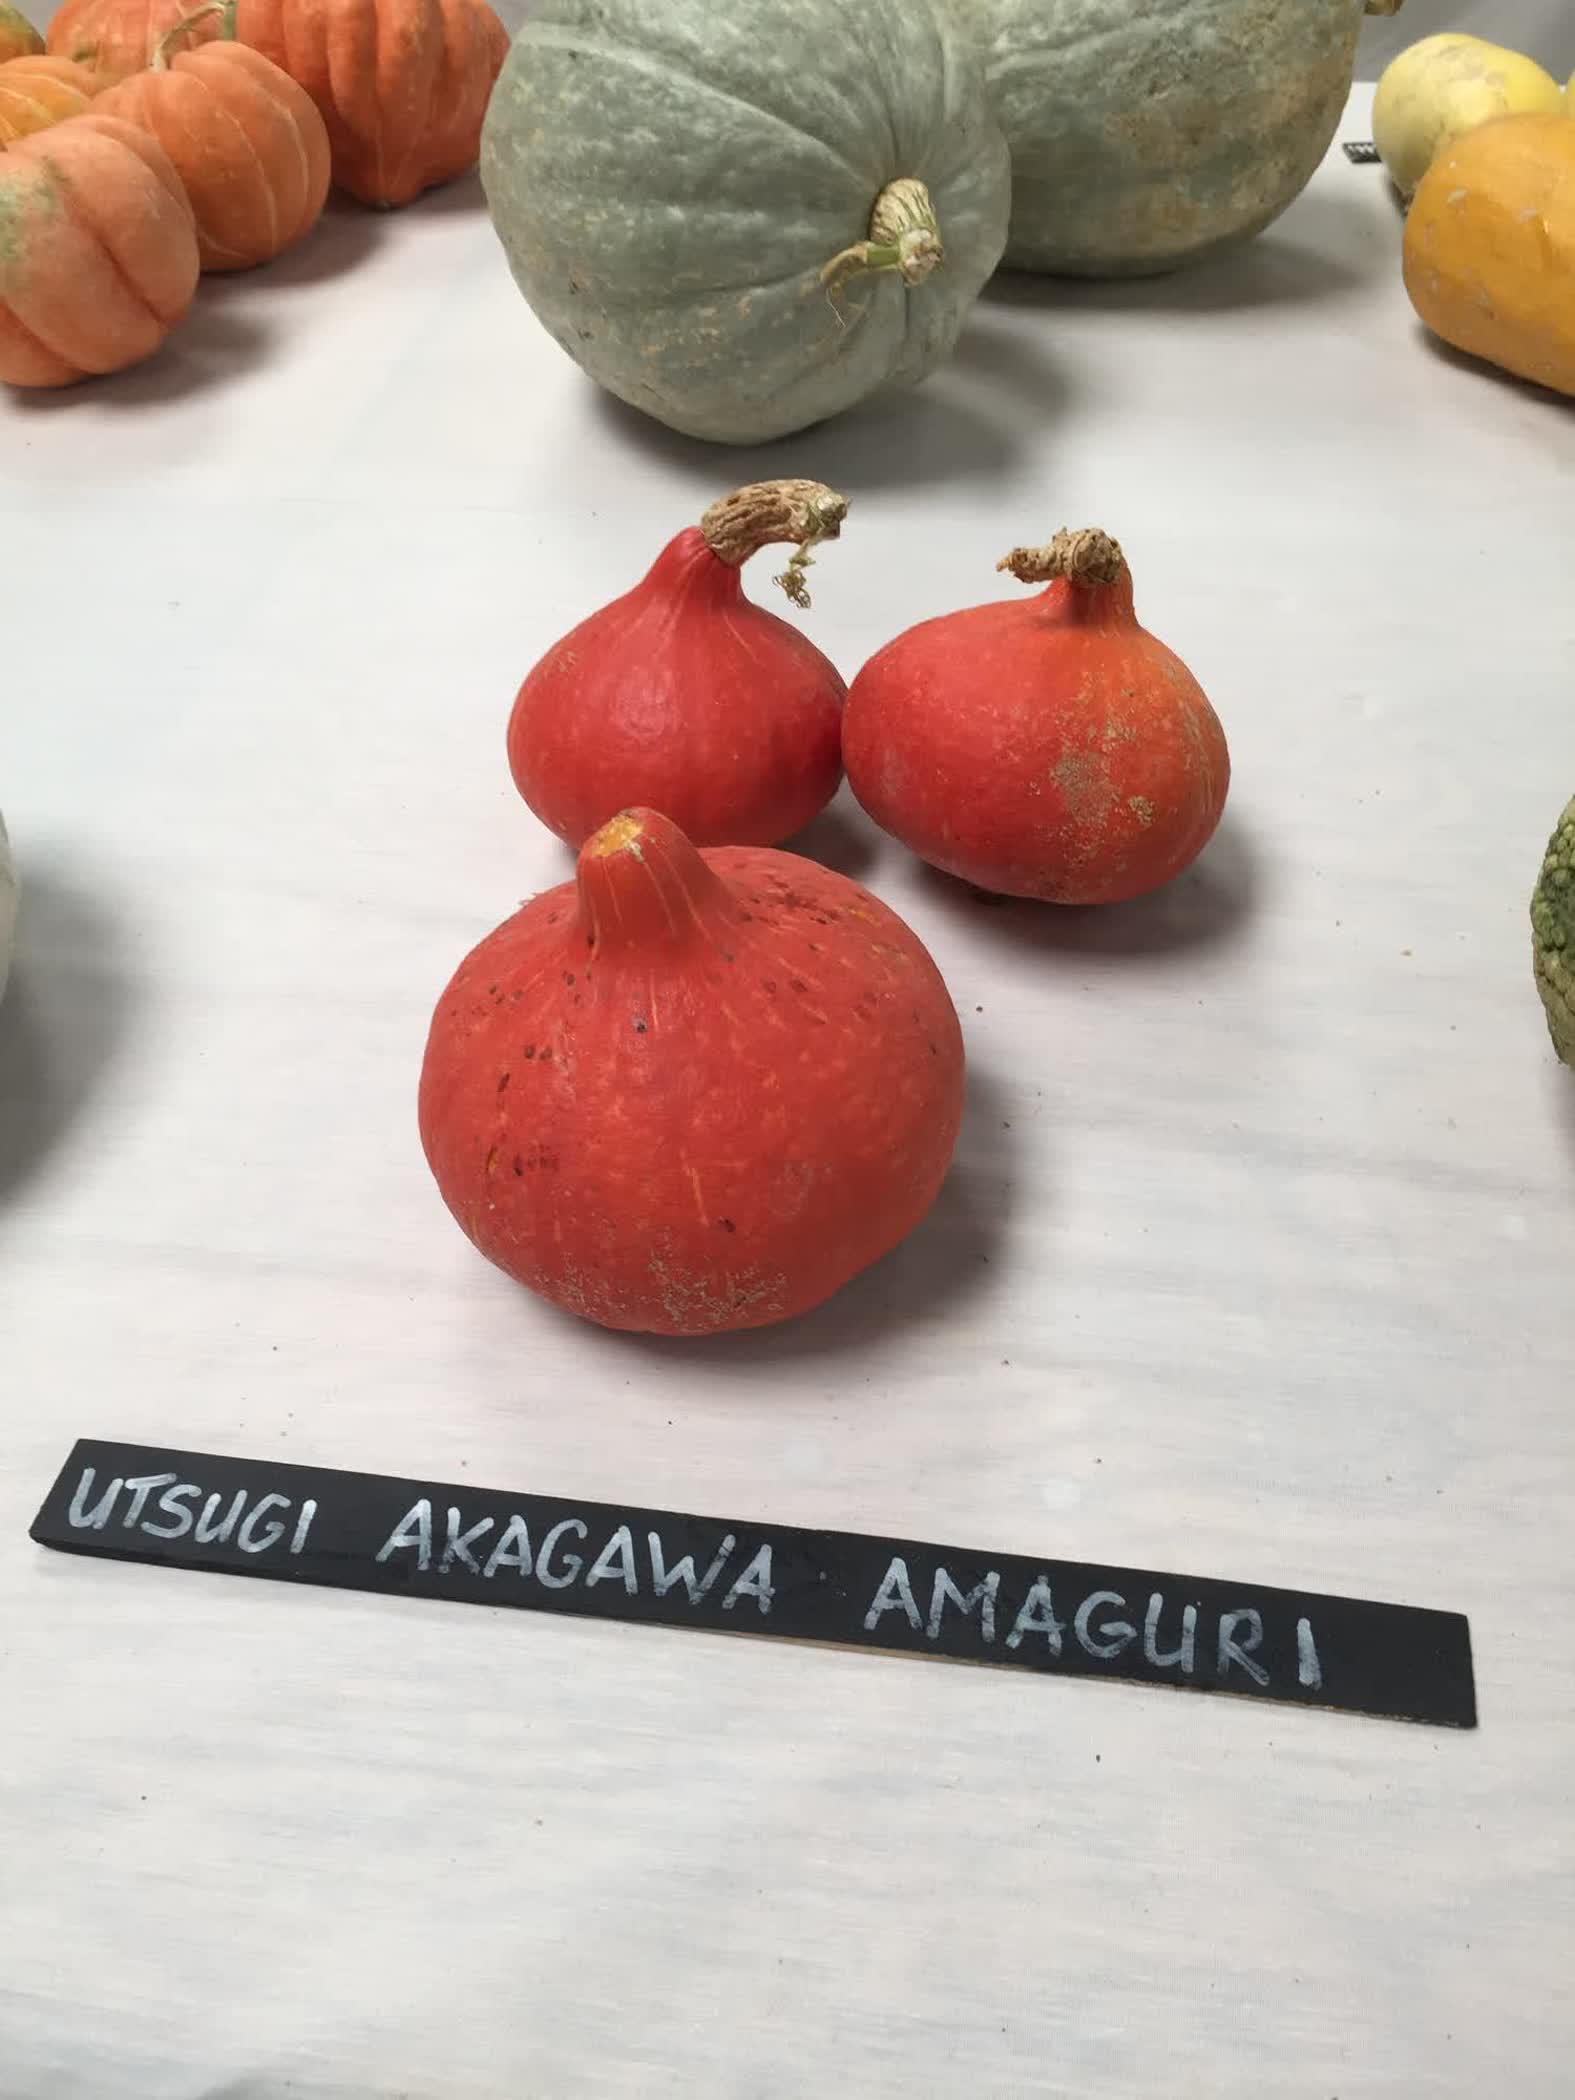 Utsugi Akagawa Amaguri